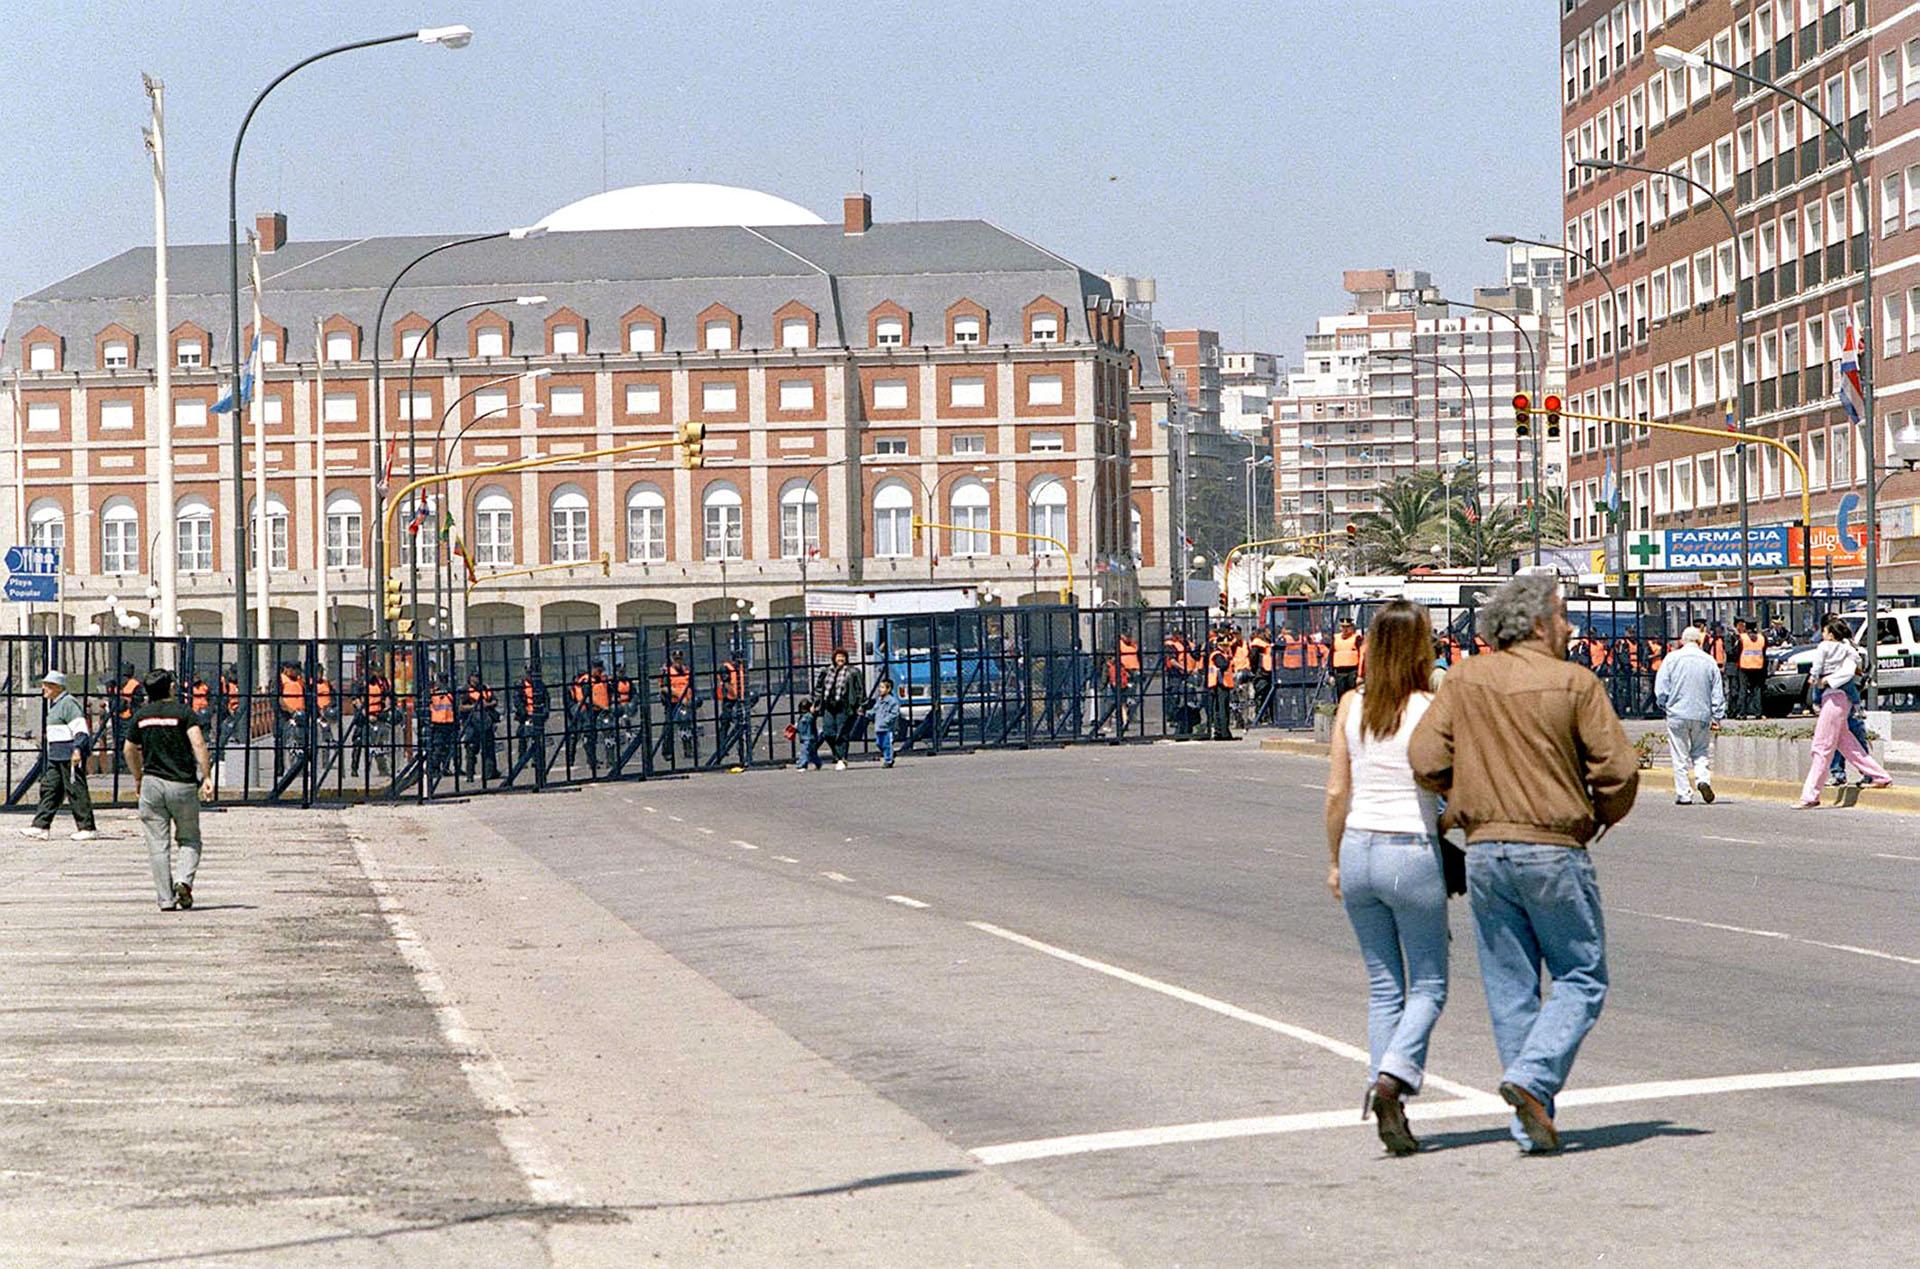 El centro de la ciudad de Mar del Plata fue vallado y se implementó un fuerte control en las calles para garantizar la seguridad de los presidentes extranjeros